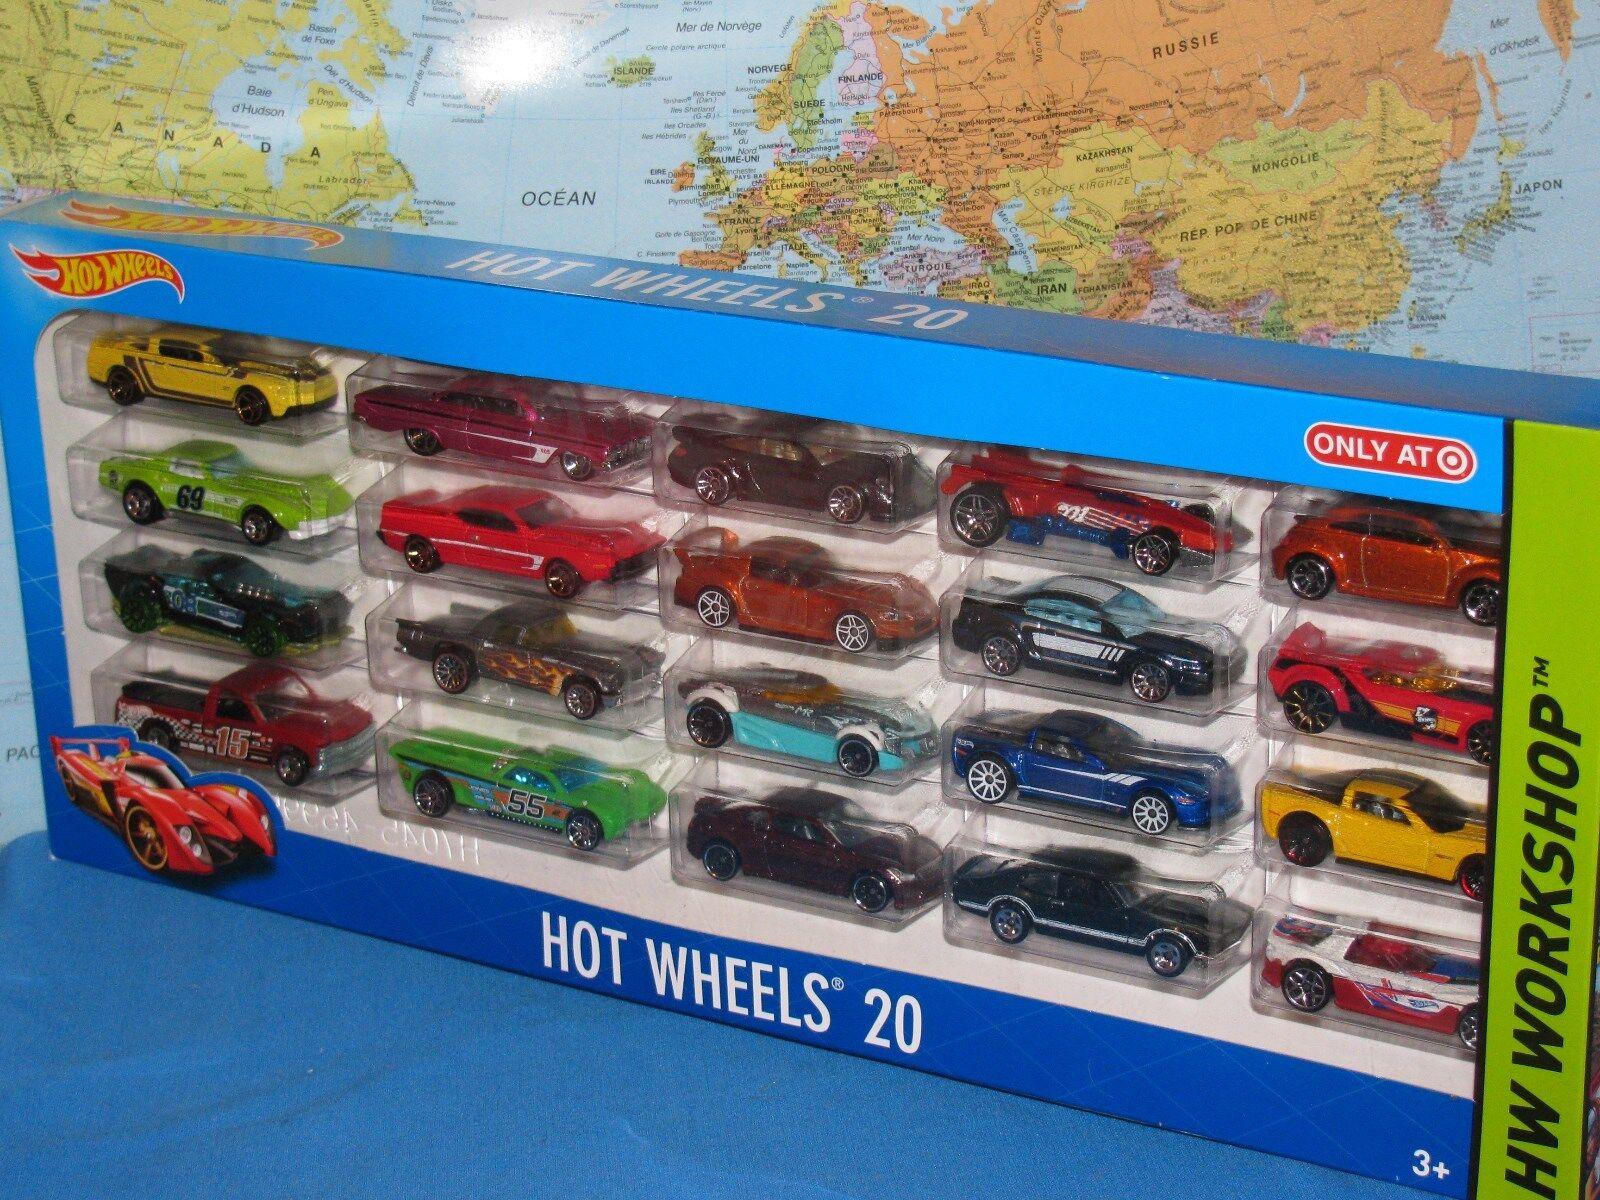 HOT WHEELS HW WORKSHOP WORKSHOP WORKSHOP SET OF 20 CARS DIECAST BRAND NEW & VHTF 08267a